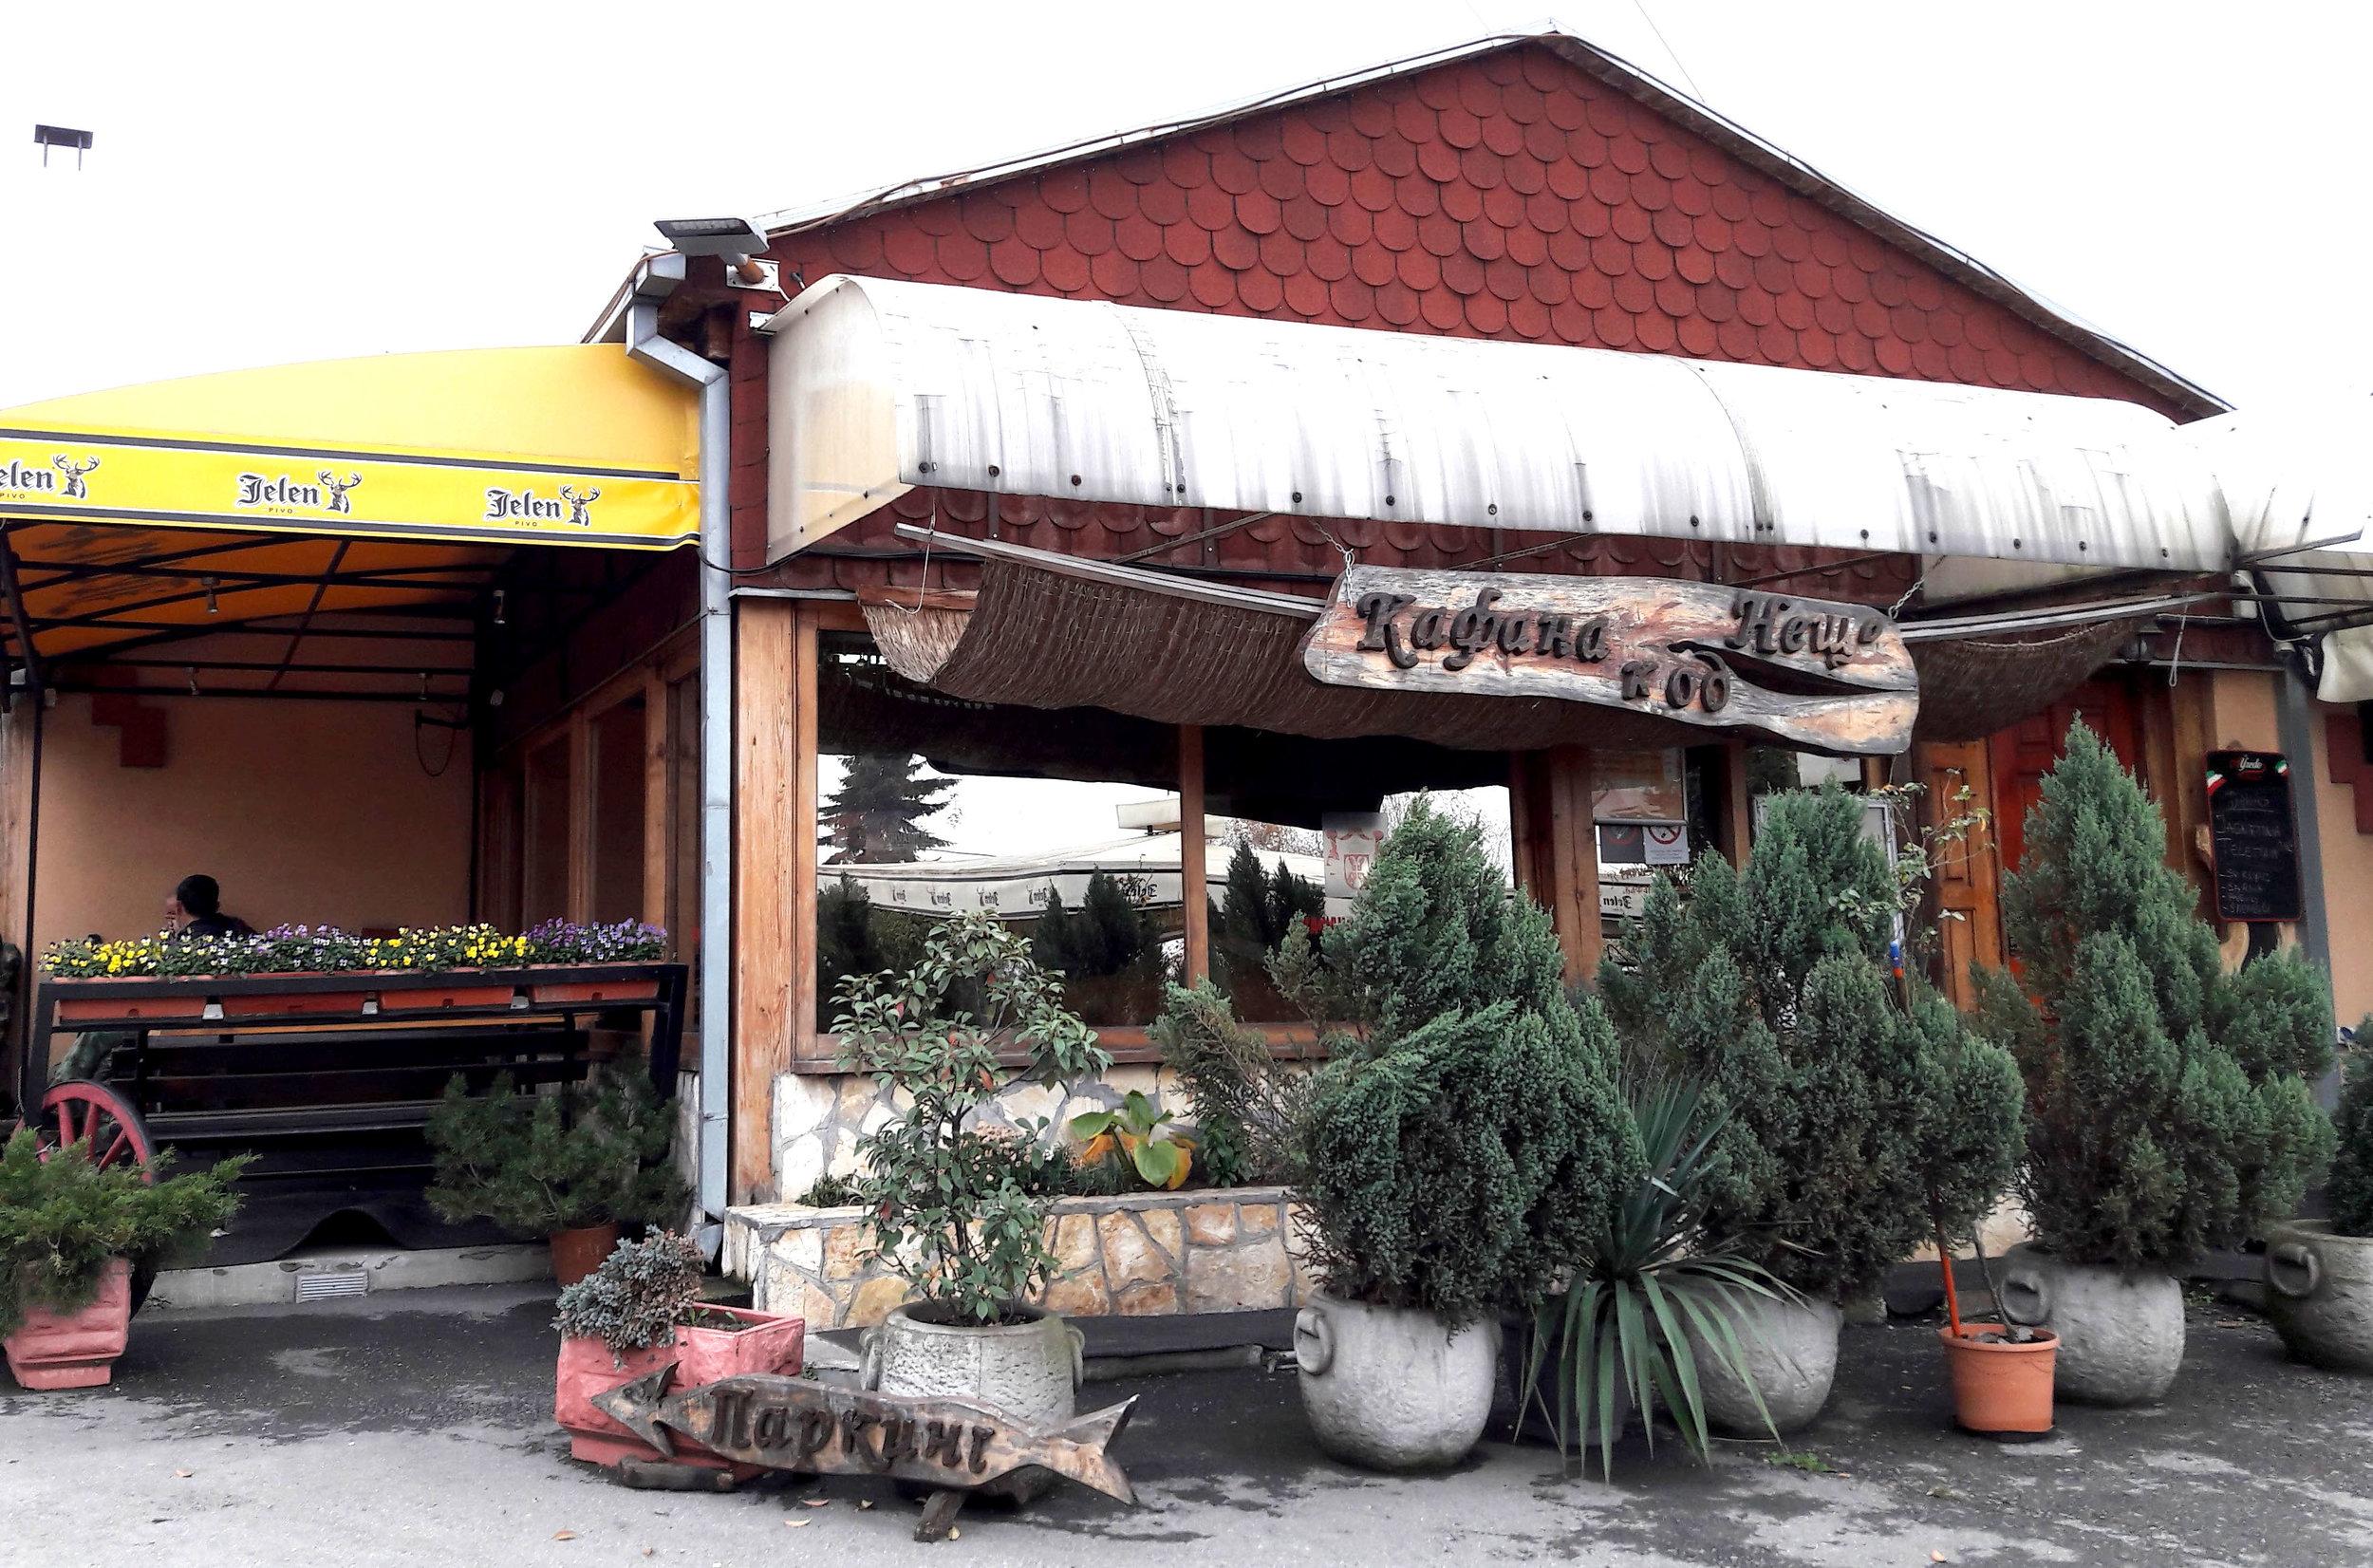 Kafana Kod Neša (Nesha's Restaurant)